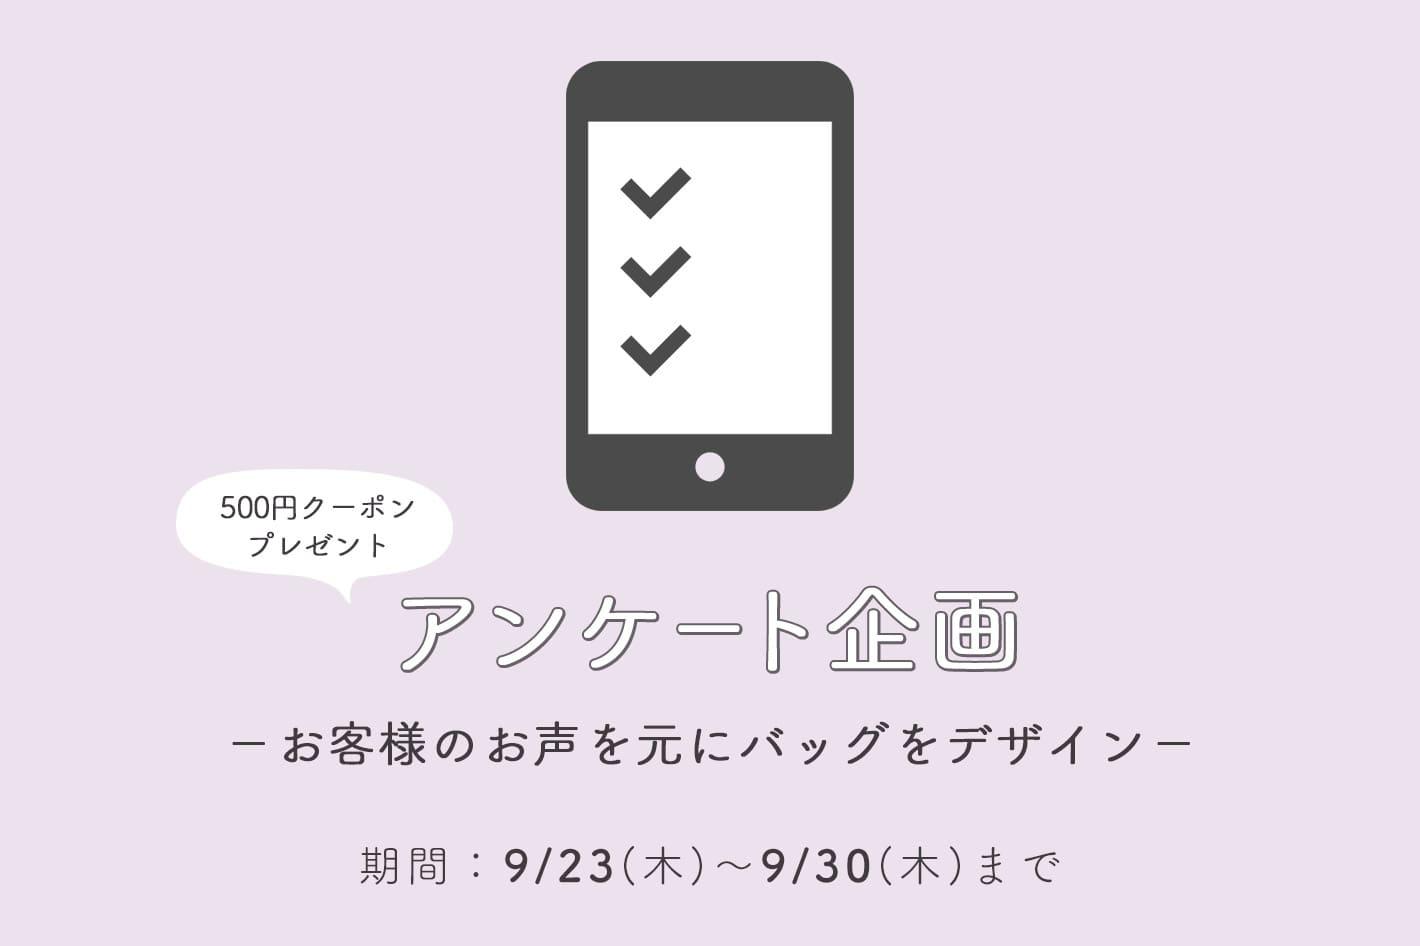 russet \500円クーポンプレゼント/お客様の声を募集!LINEアンケート企画